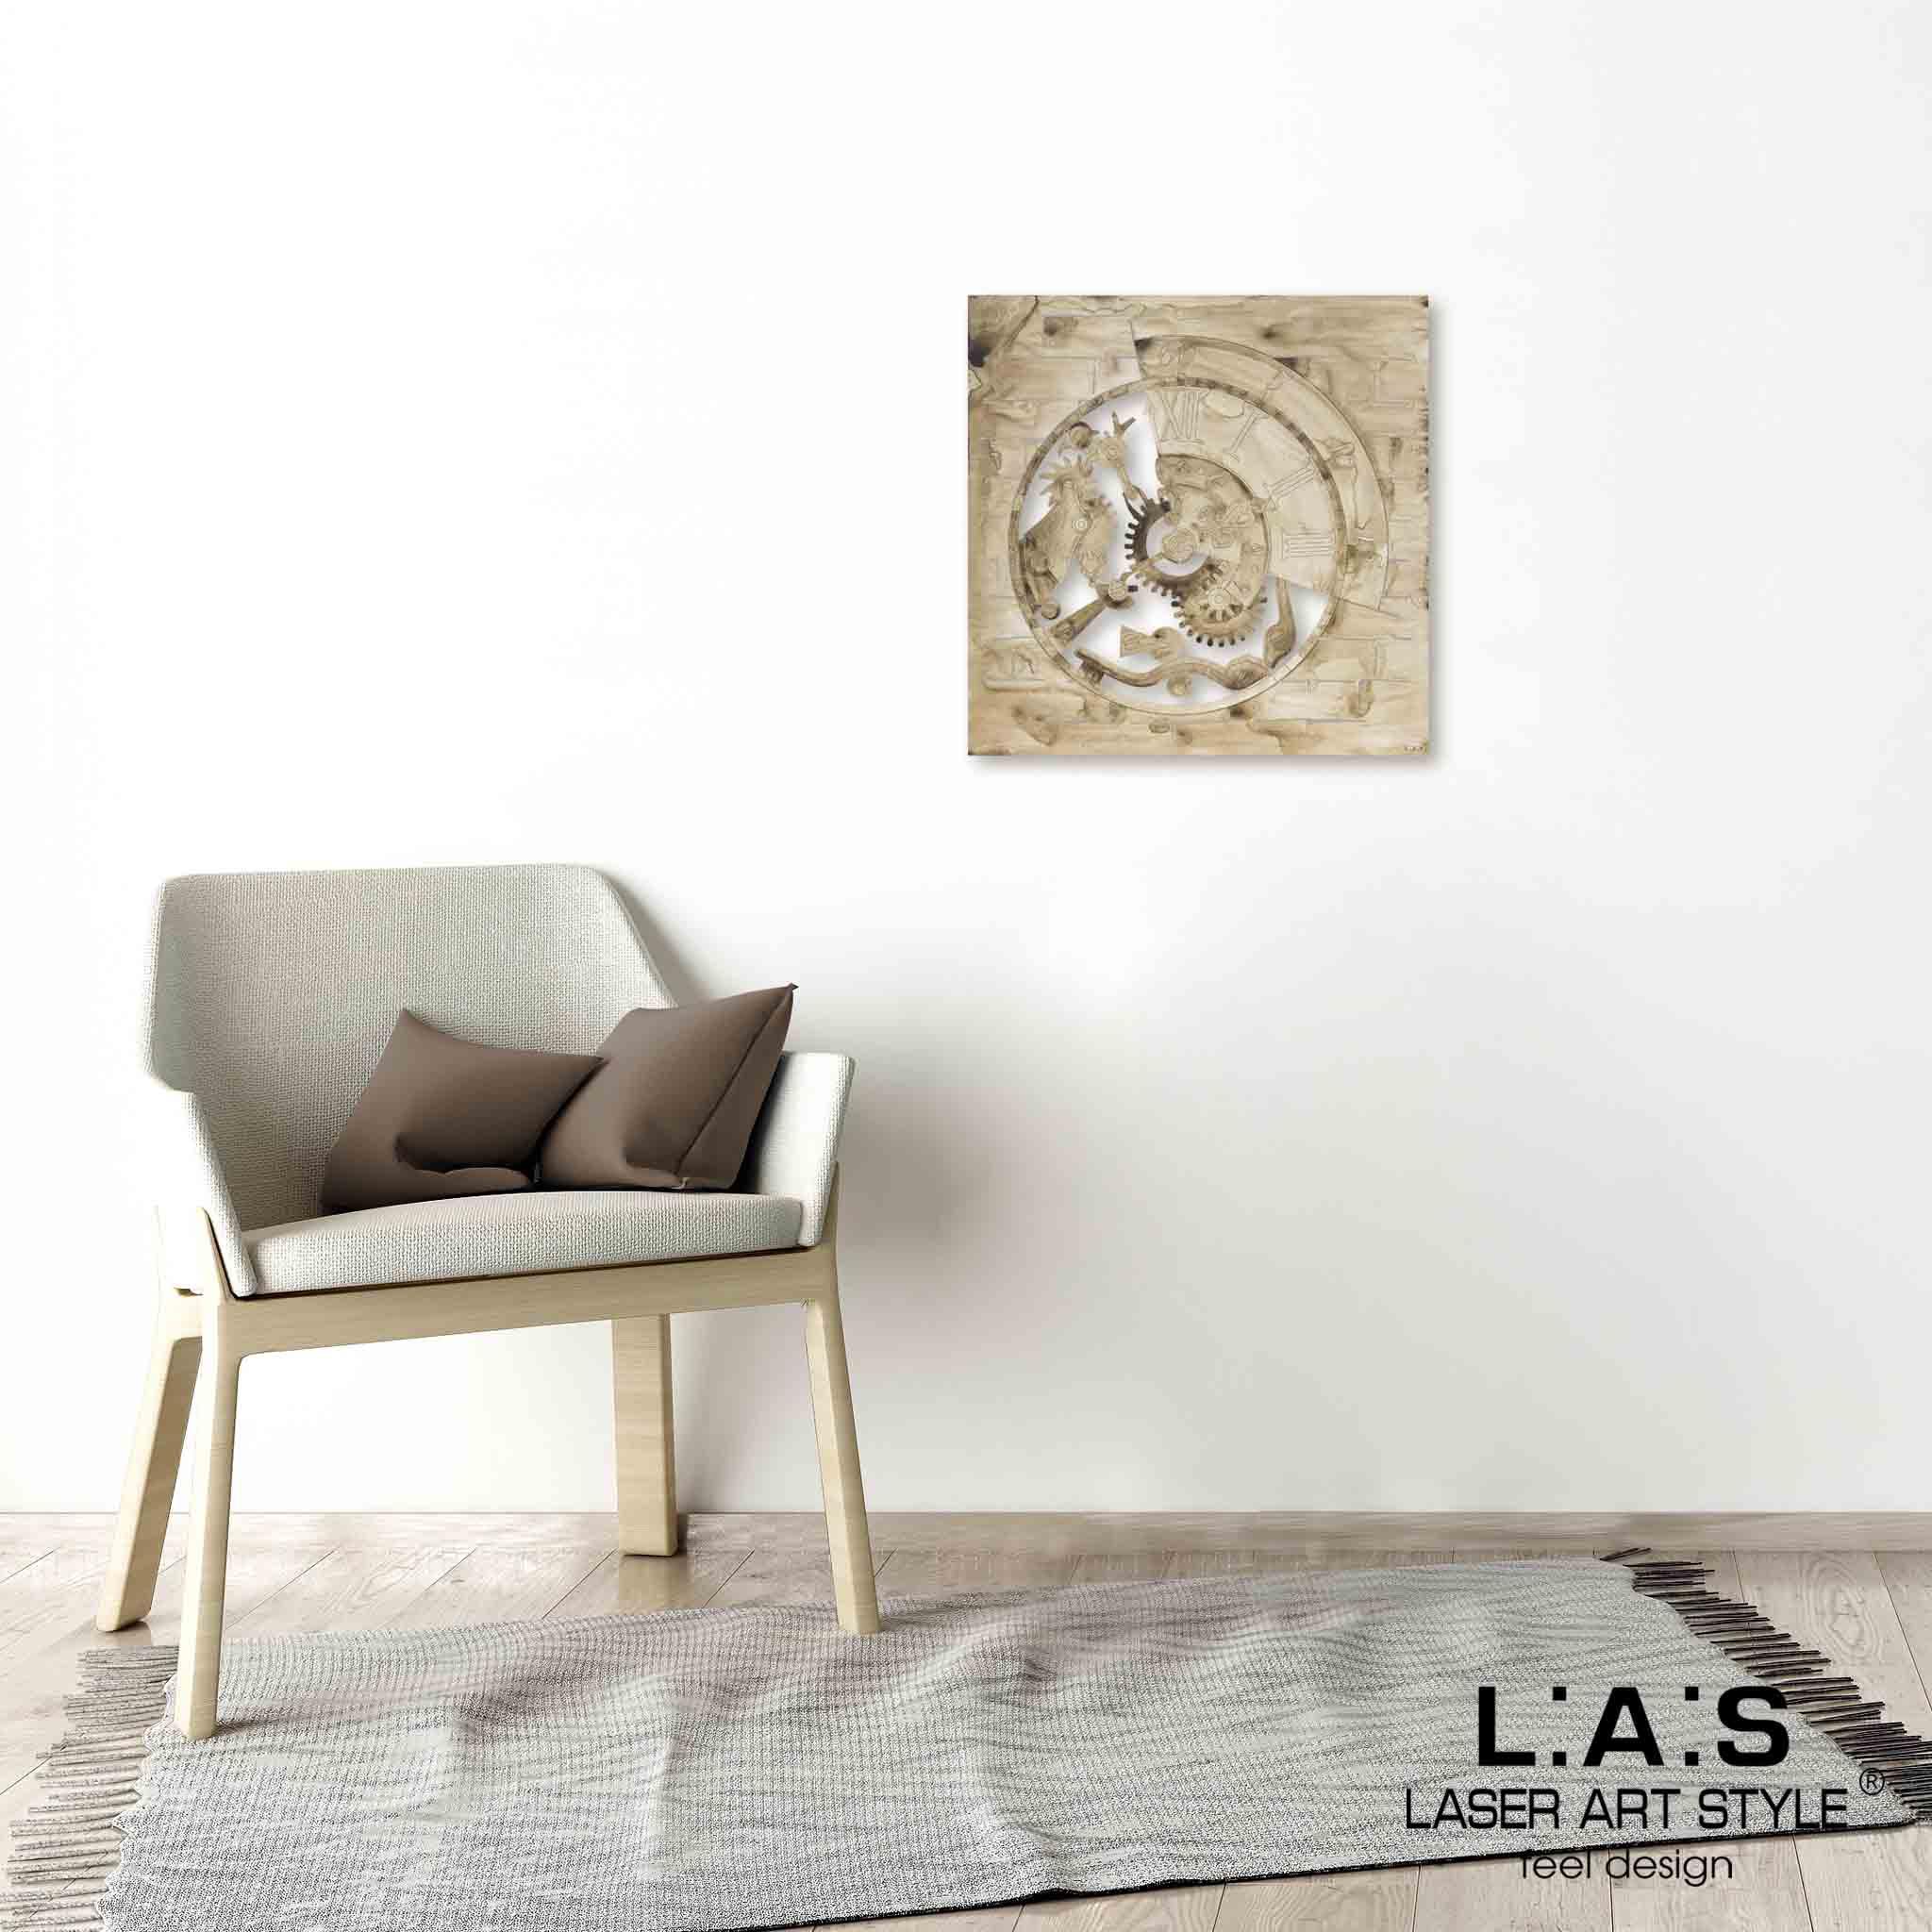 L:A:S - Laser Art Style - QUADRO MODERNO -SCULTURA DA PARETE INDUSTRIAL – Q-027 DECORO MARRONE